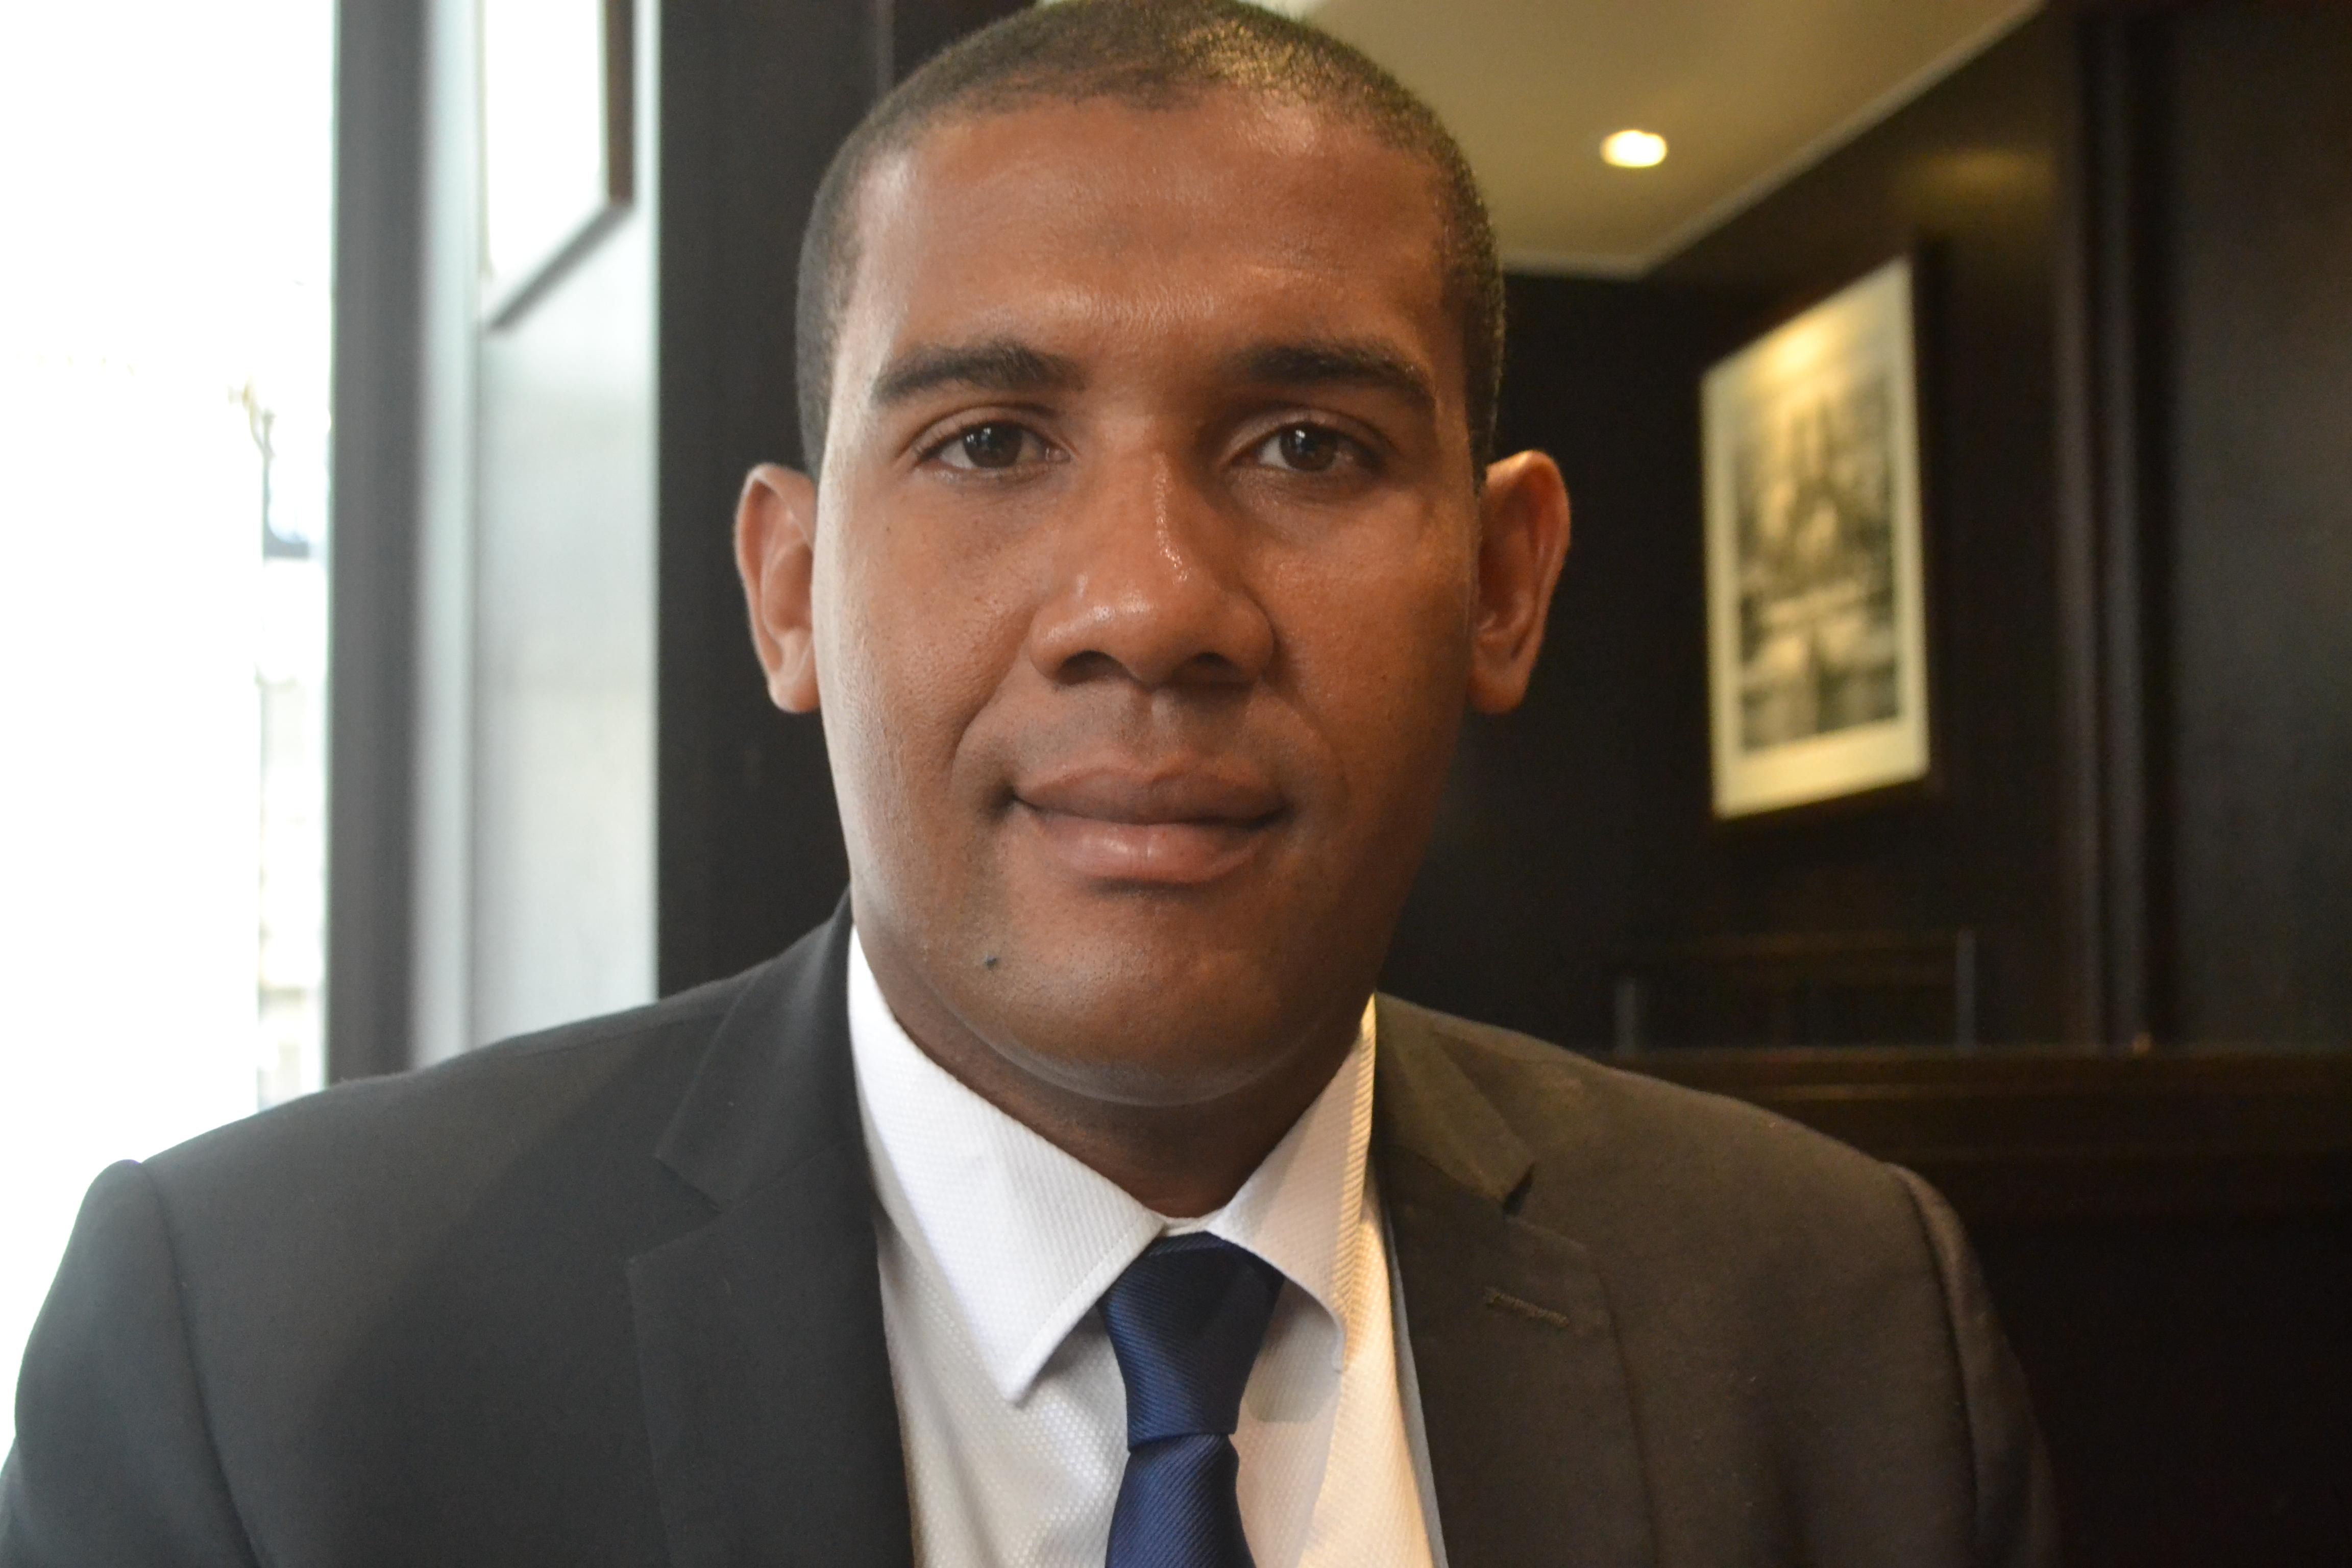 A Mayotte, une députée PS fait l'objet d'une enquête